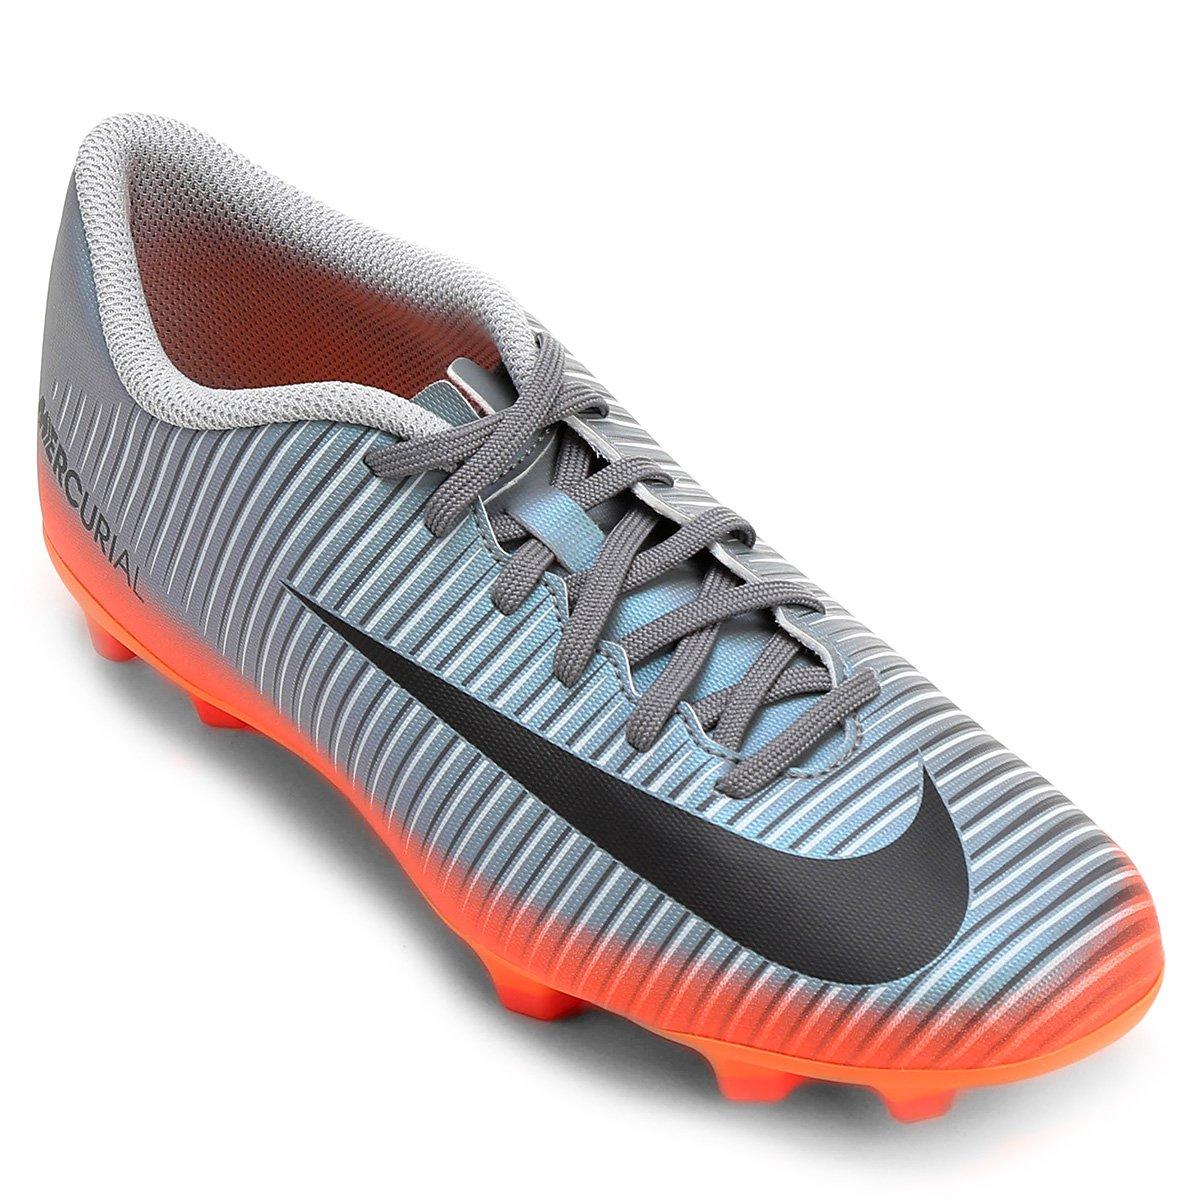 ccbed44c040ad Chuteira Campo Nike Mercurial Vortex 3 CR7 FG - Compre Agora